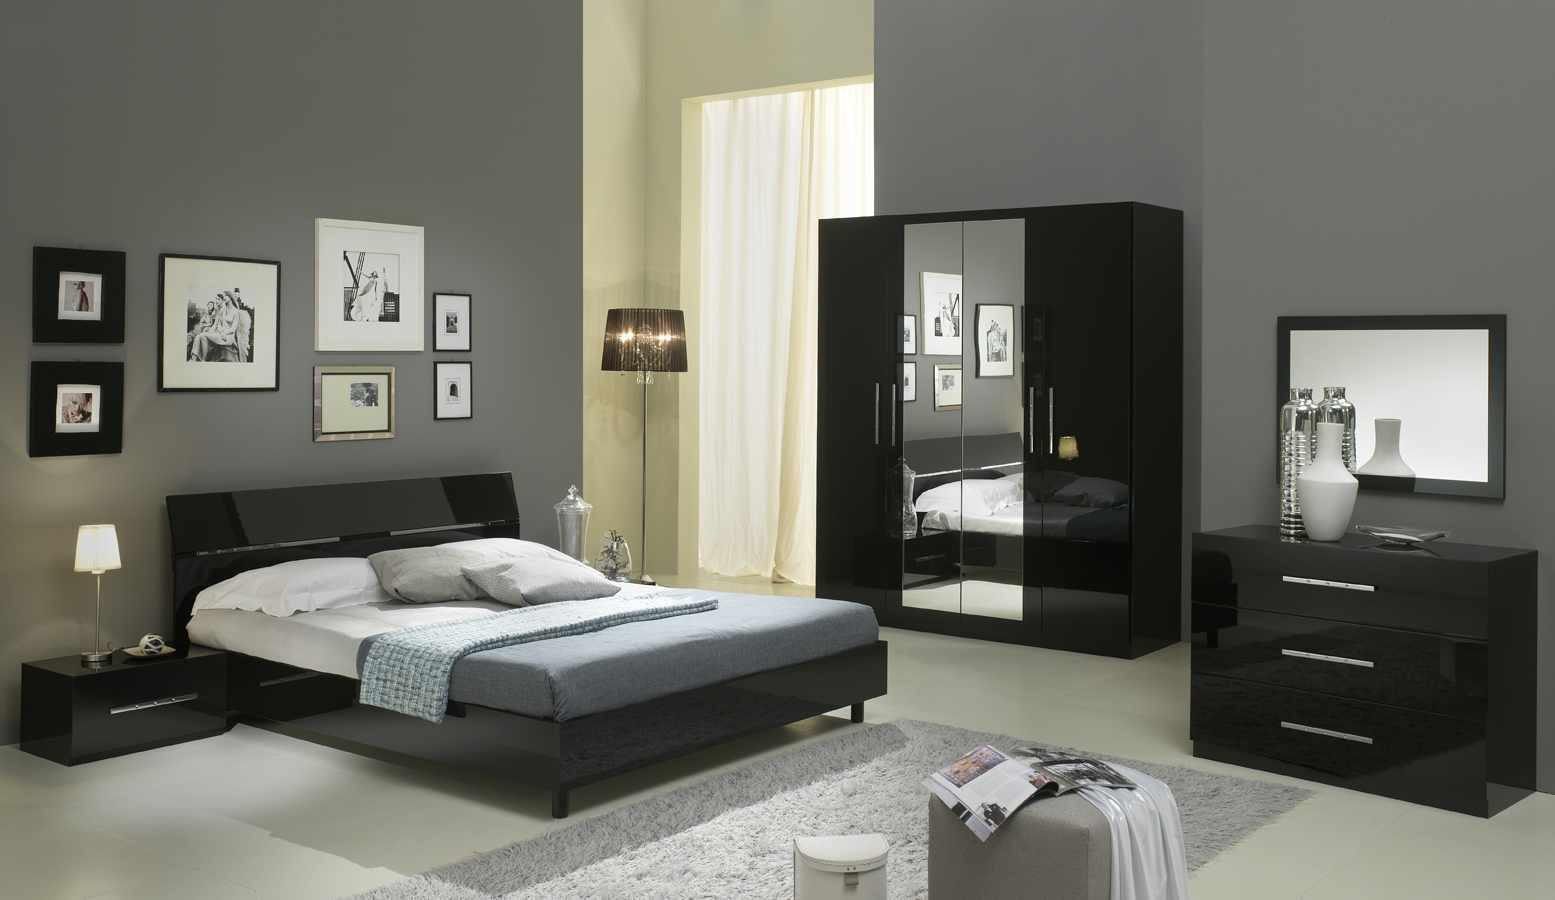 Chambre à coucher : quelles couleurs ? – Des astuces pour la ...